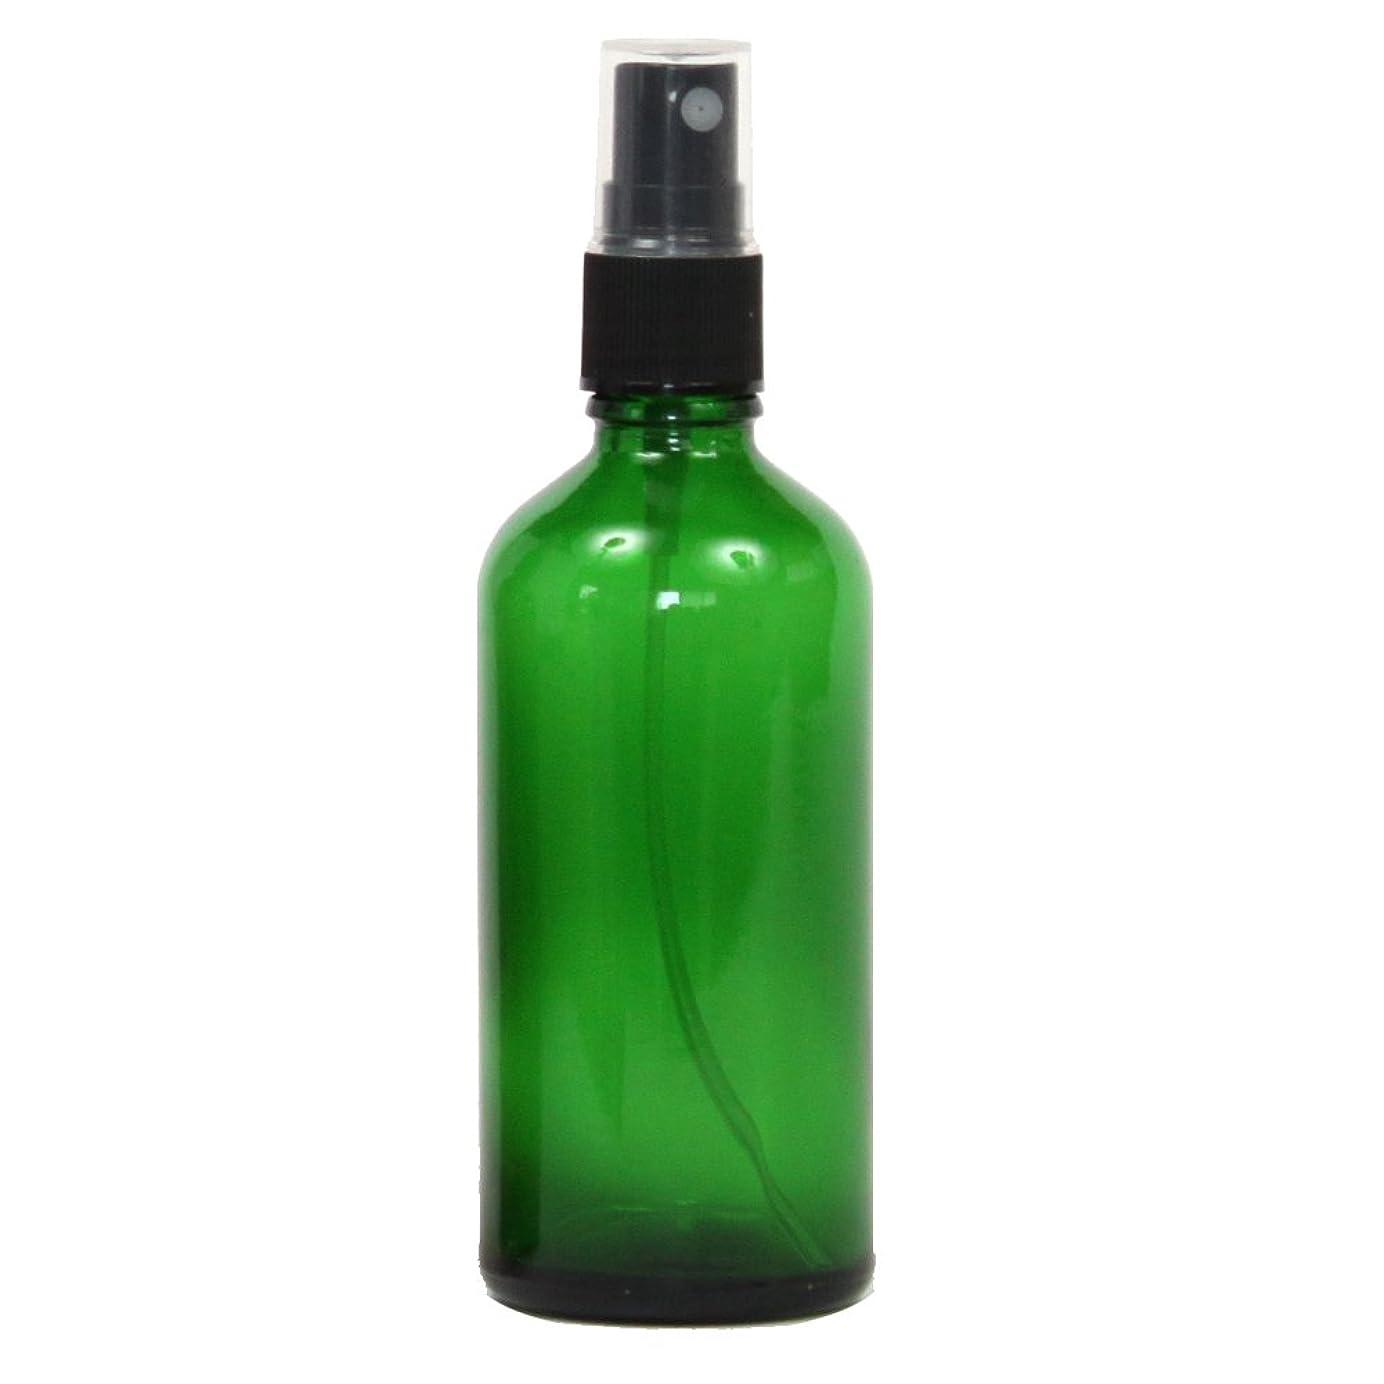 無意味アイドル四スプレーボトル ガラス瓶 100mL 遮光性グリーン ガラスアトマイザー 空容器